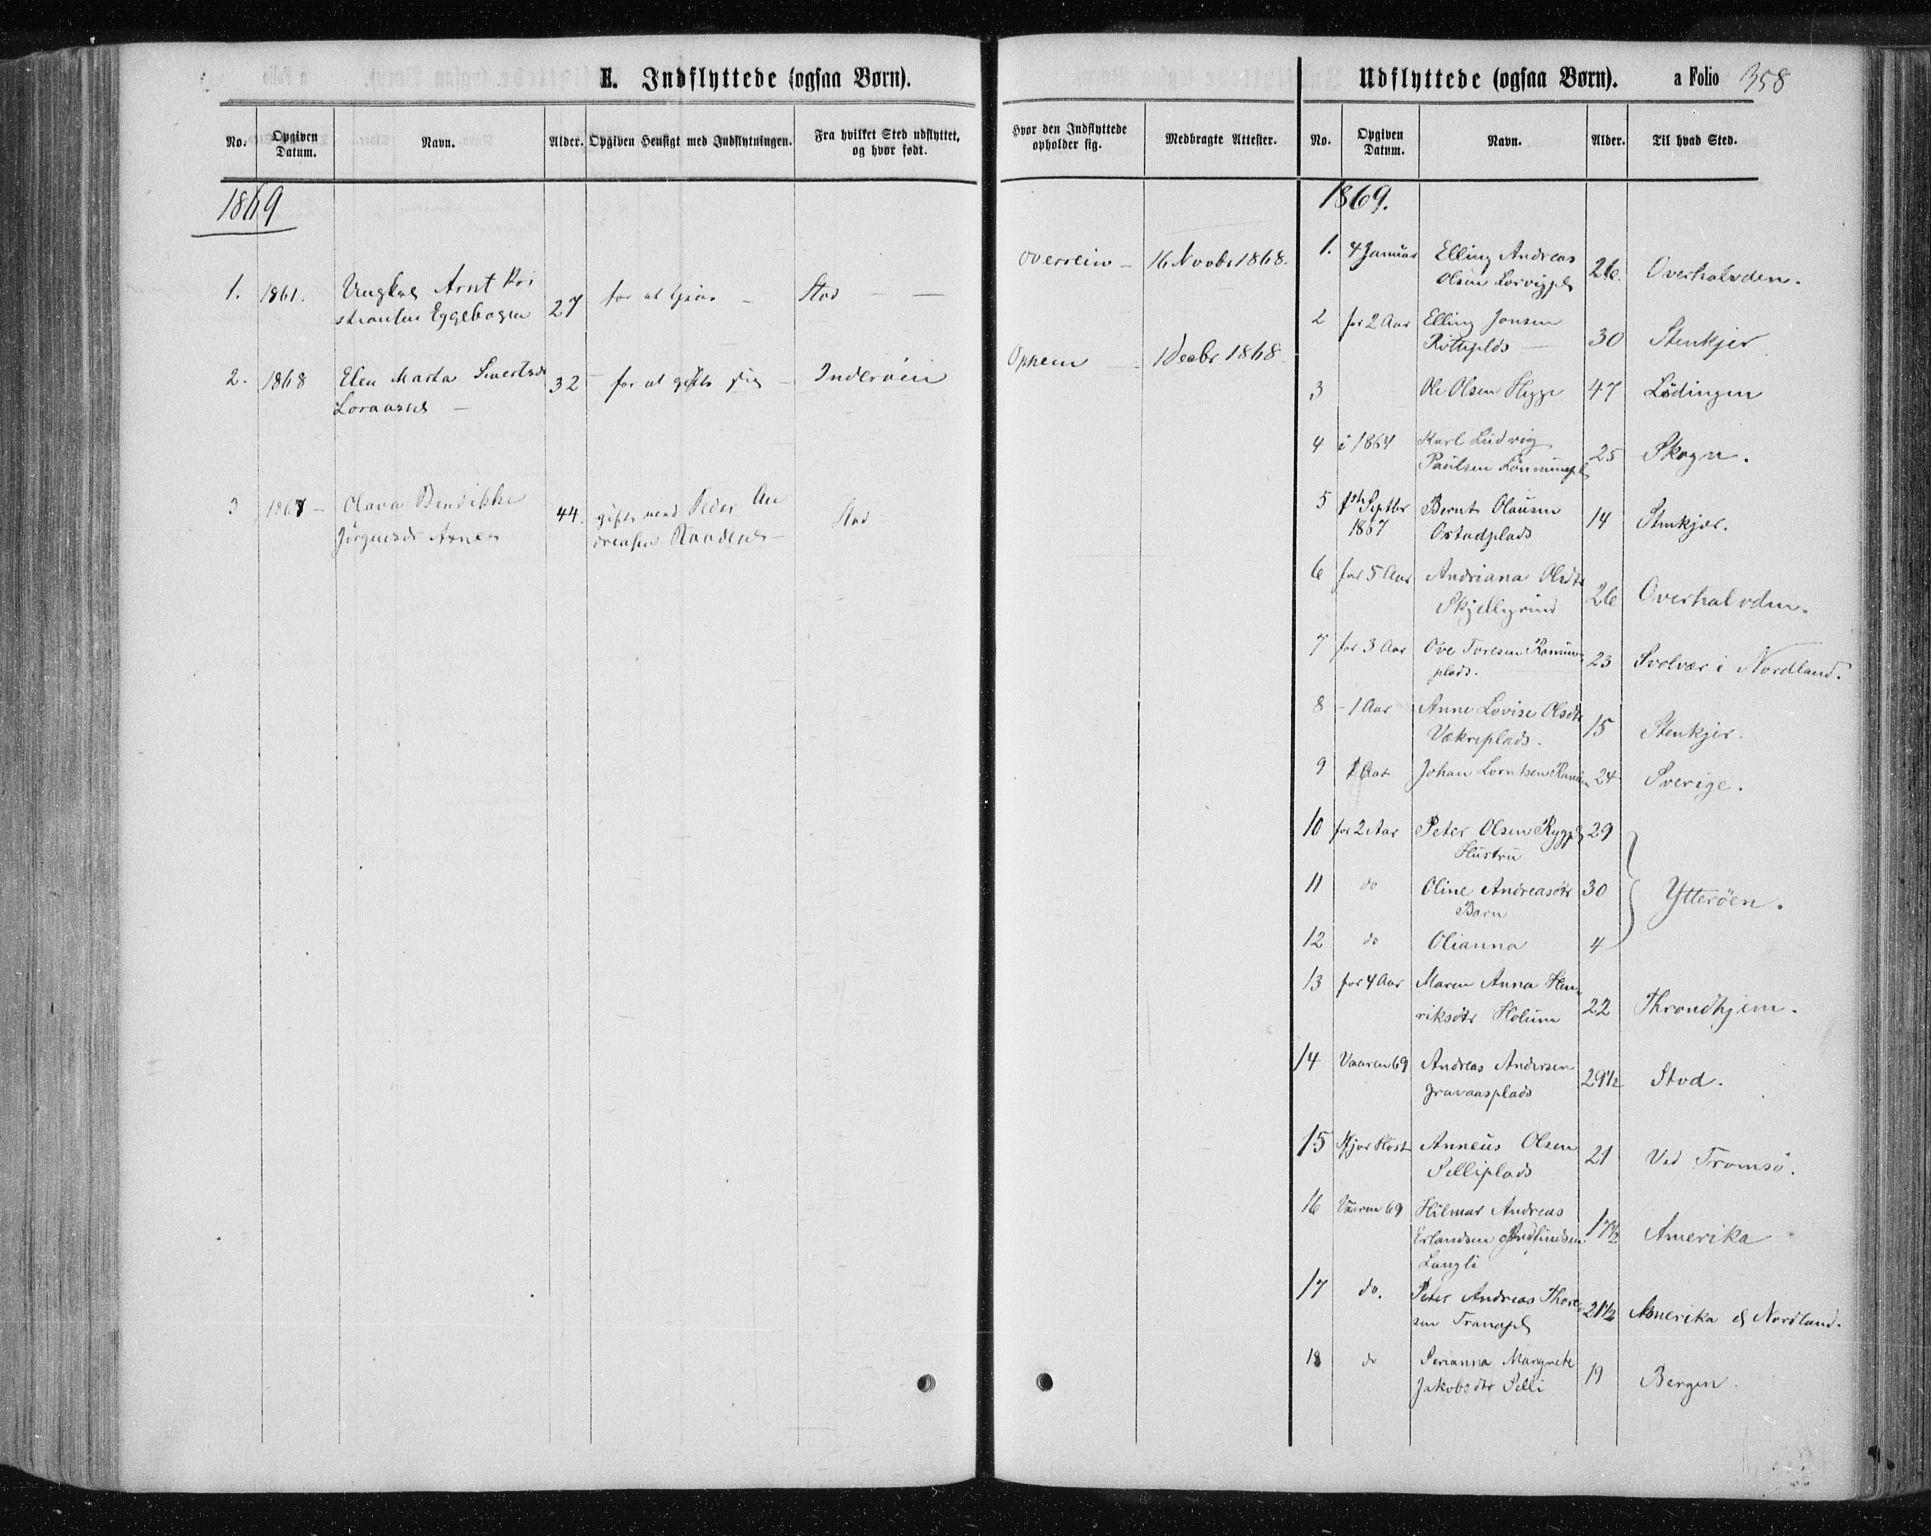 SAT, Ministerialprotokoller, klokkerbøker og fødselsregistre - Nord-Trøndelag, 735/L0345: Ministerialbok nr. 735A08 /1, 1863-1872, s. 358